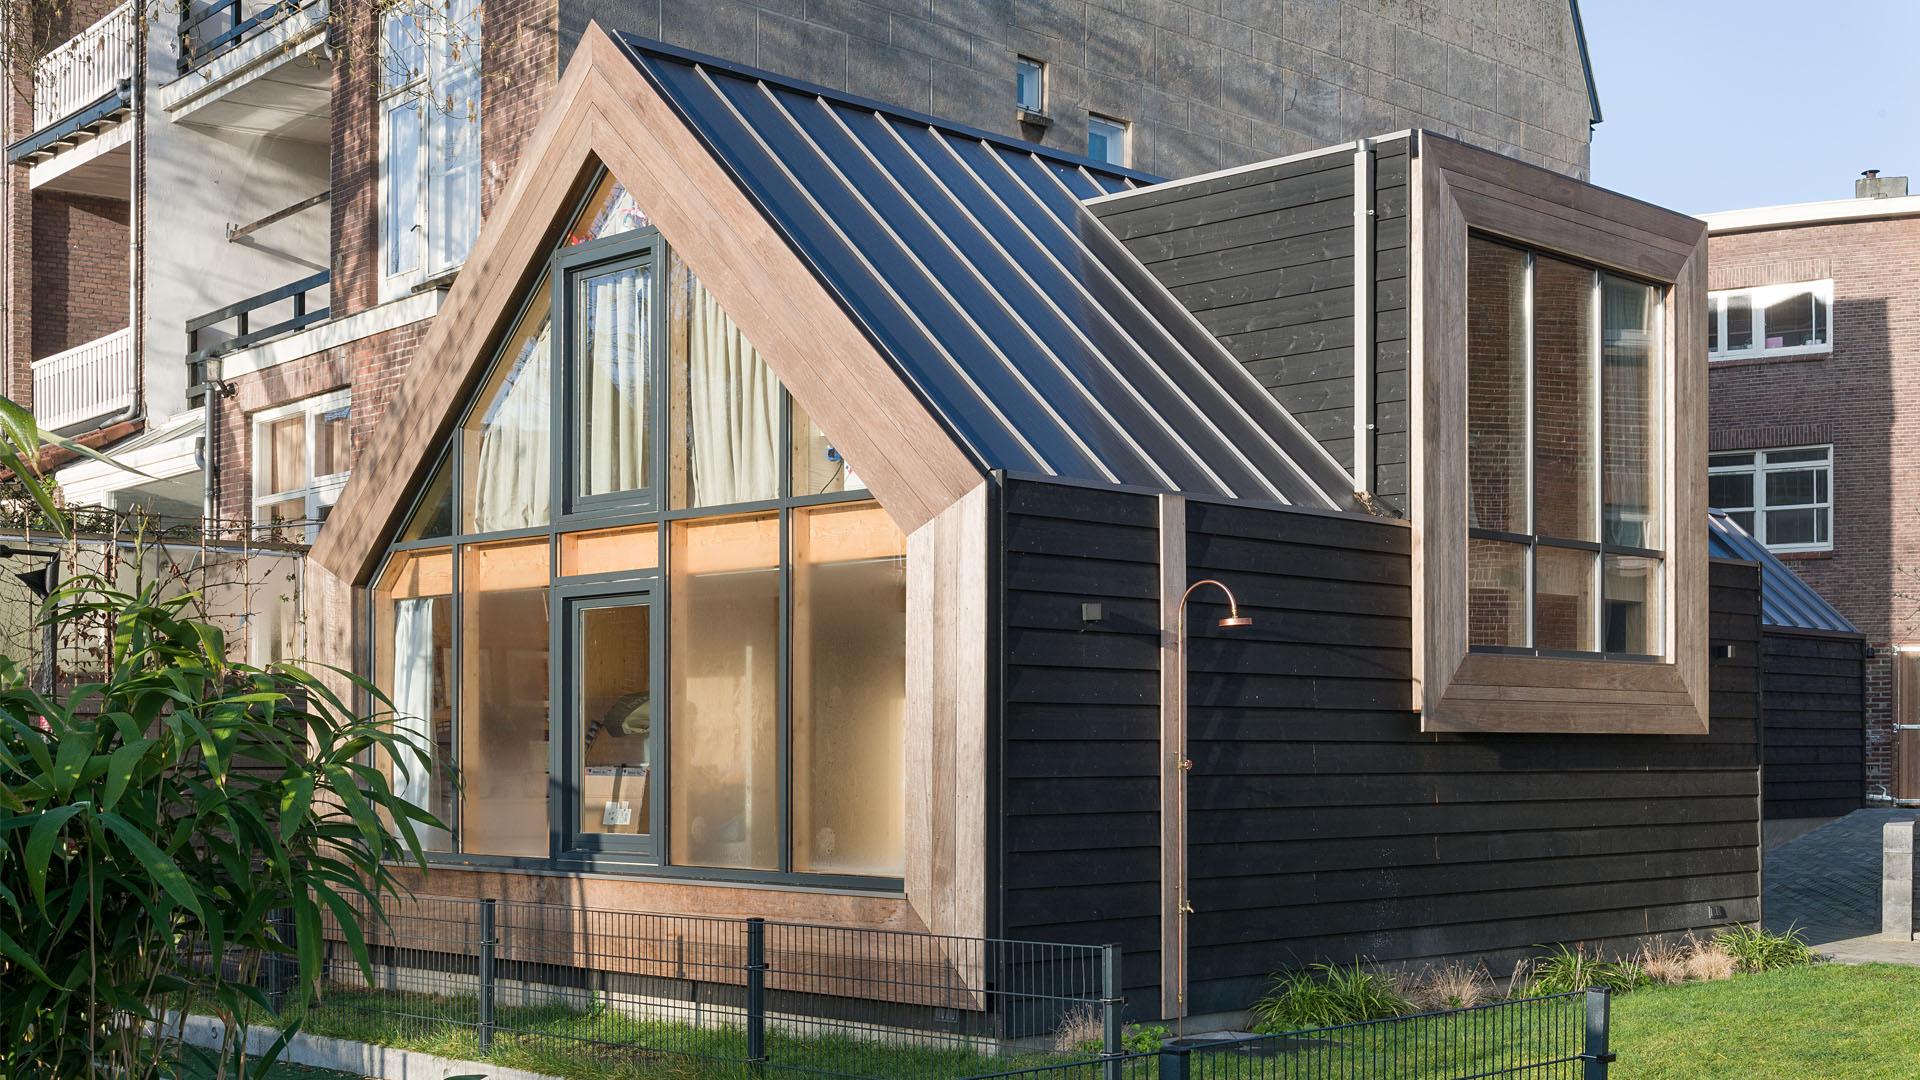 Nieuwbouw Tuinhuis | Wijnja Groep Bouw & Interieur